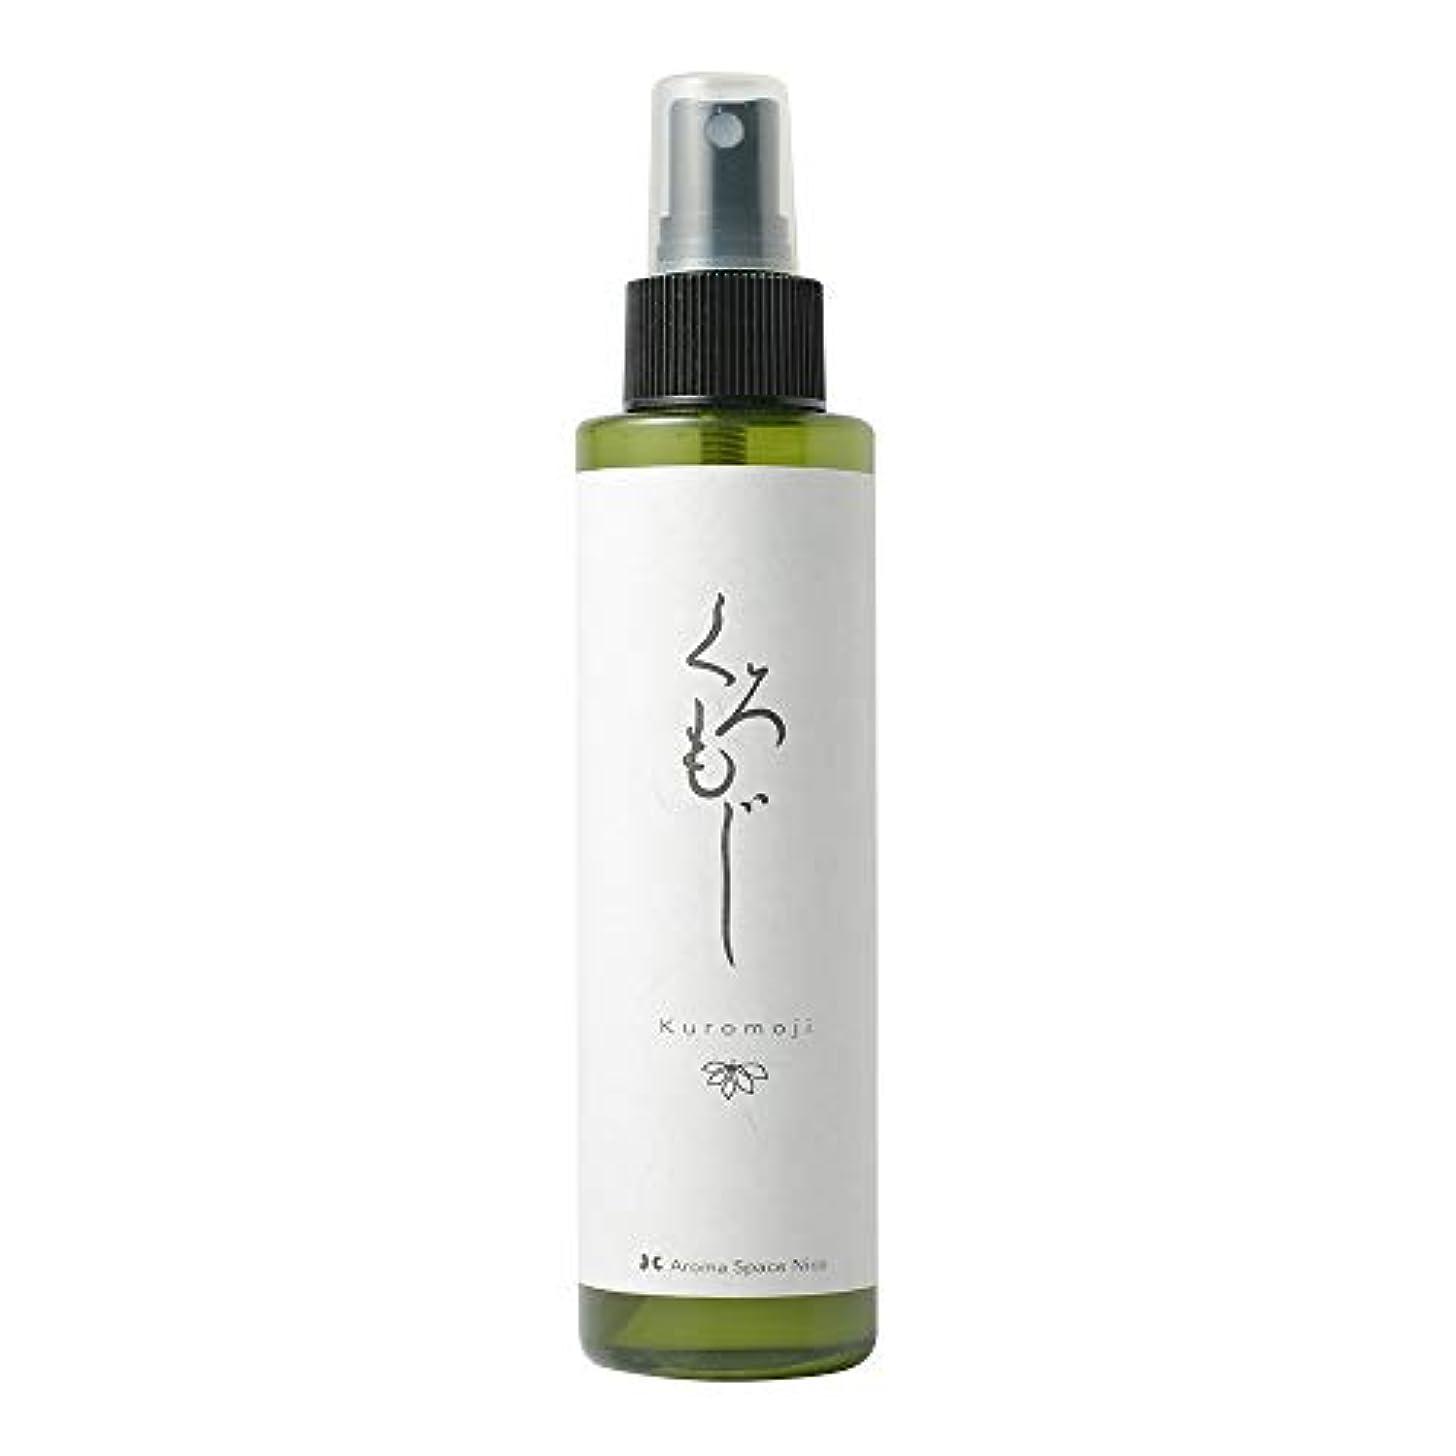 漂流食品聞きます無添加 さっぱり 化粧水 NICOクロモジハーブウォーター 敏感肌 ミスト 天然成分100% 心が和む和の香り … (150ml)